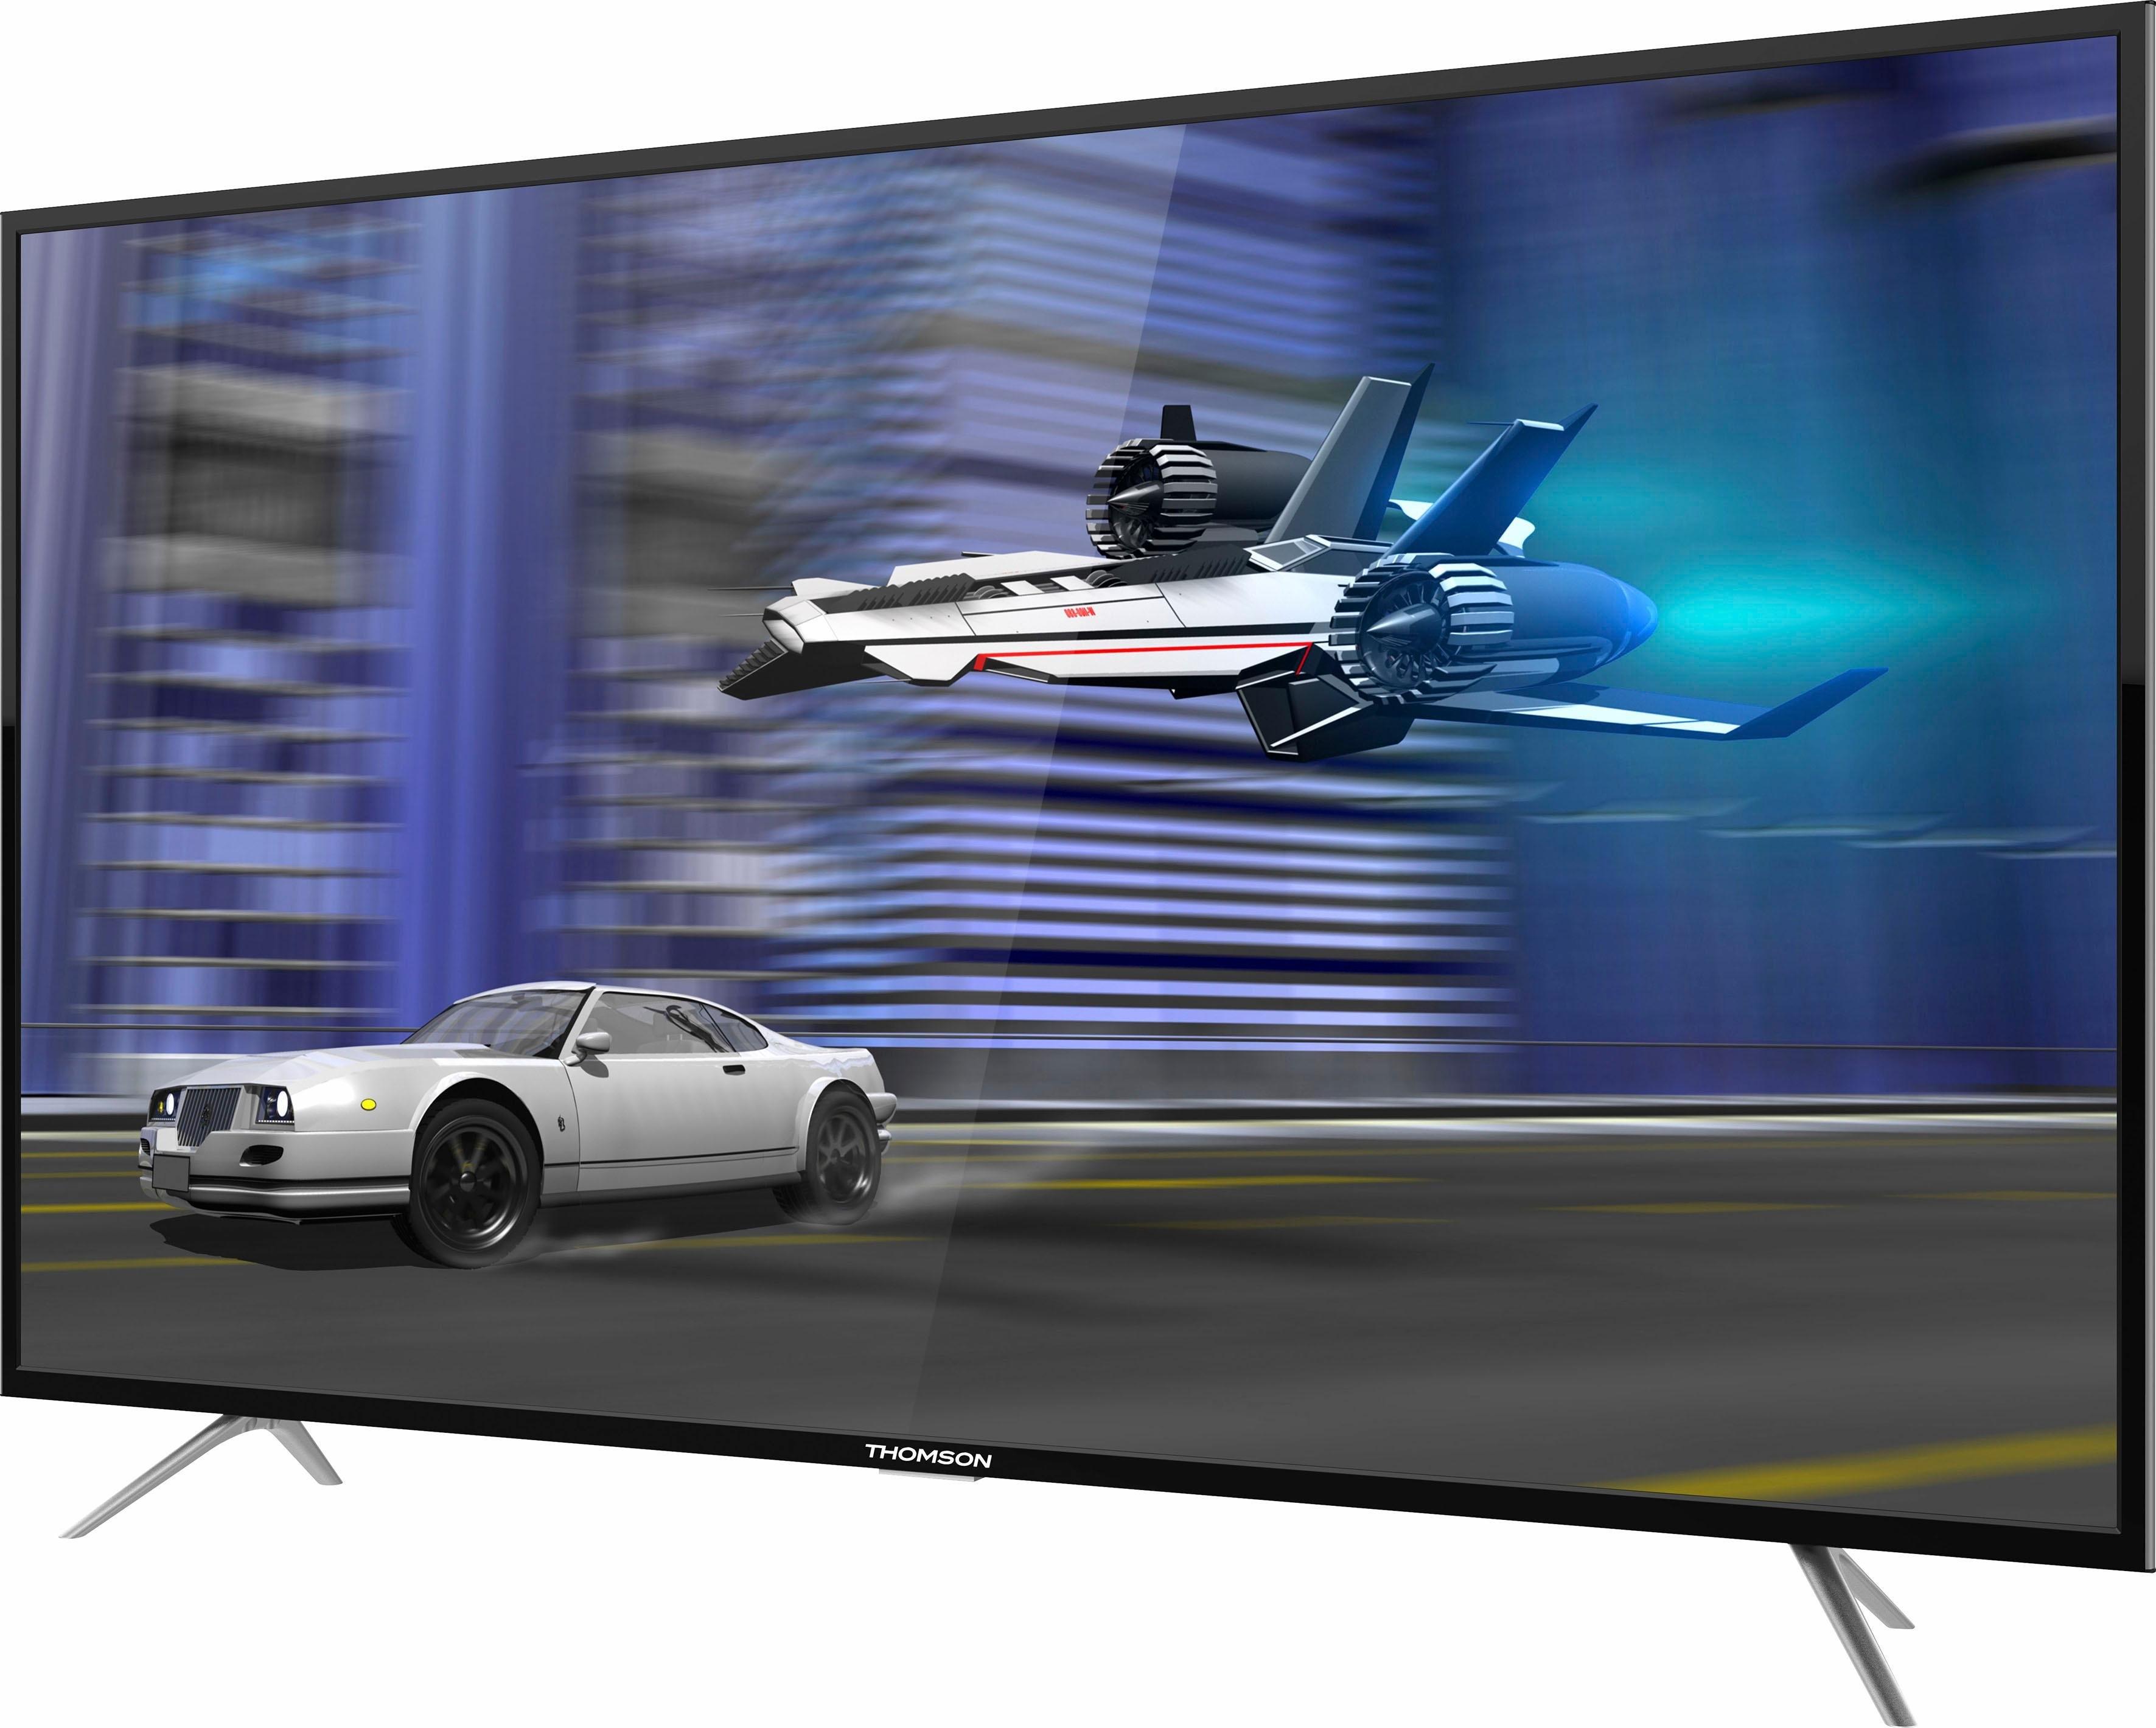 thomson 49uc6326 led tv 123 cm 49 inch 4k ultra hd smart tv snel gevonden otto. Black Bedroom Furniture Sets. Home Design Ideas